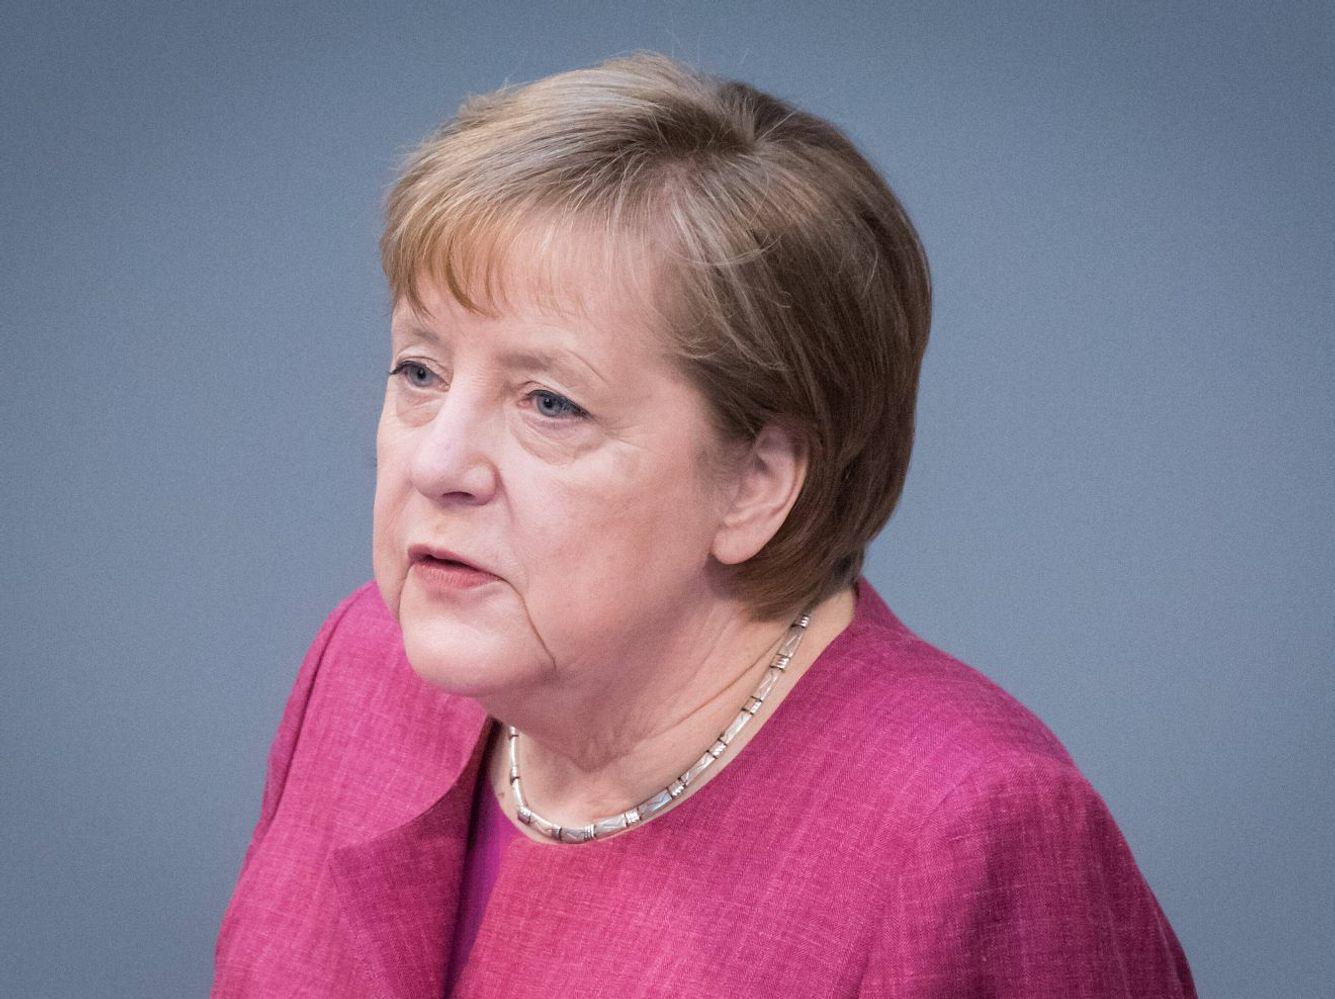 Angela Merkel warnt: Nächste Pandemie kommt!